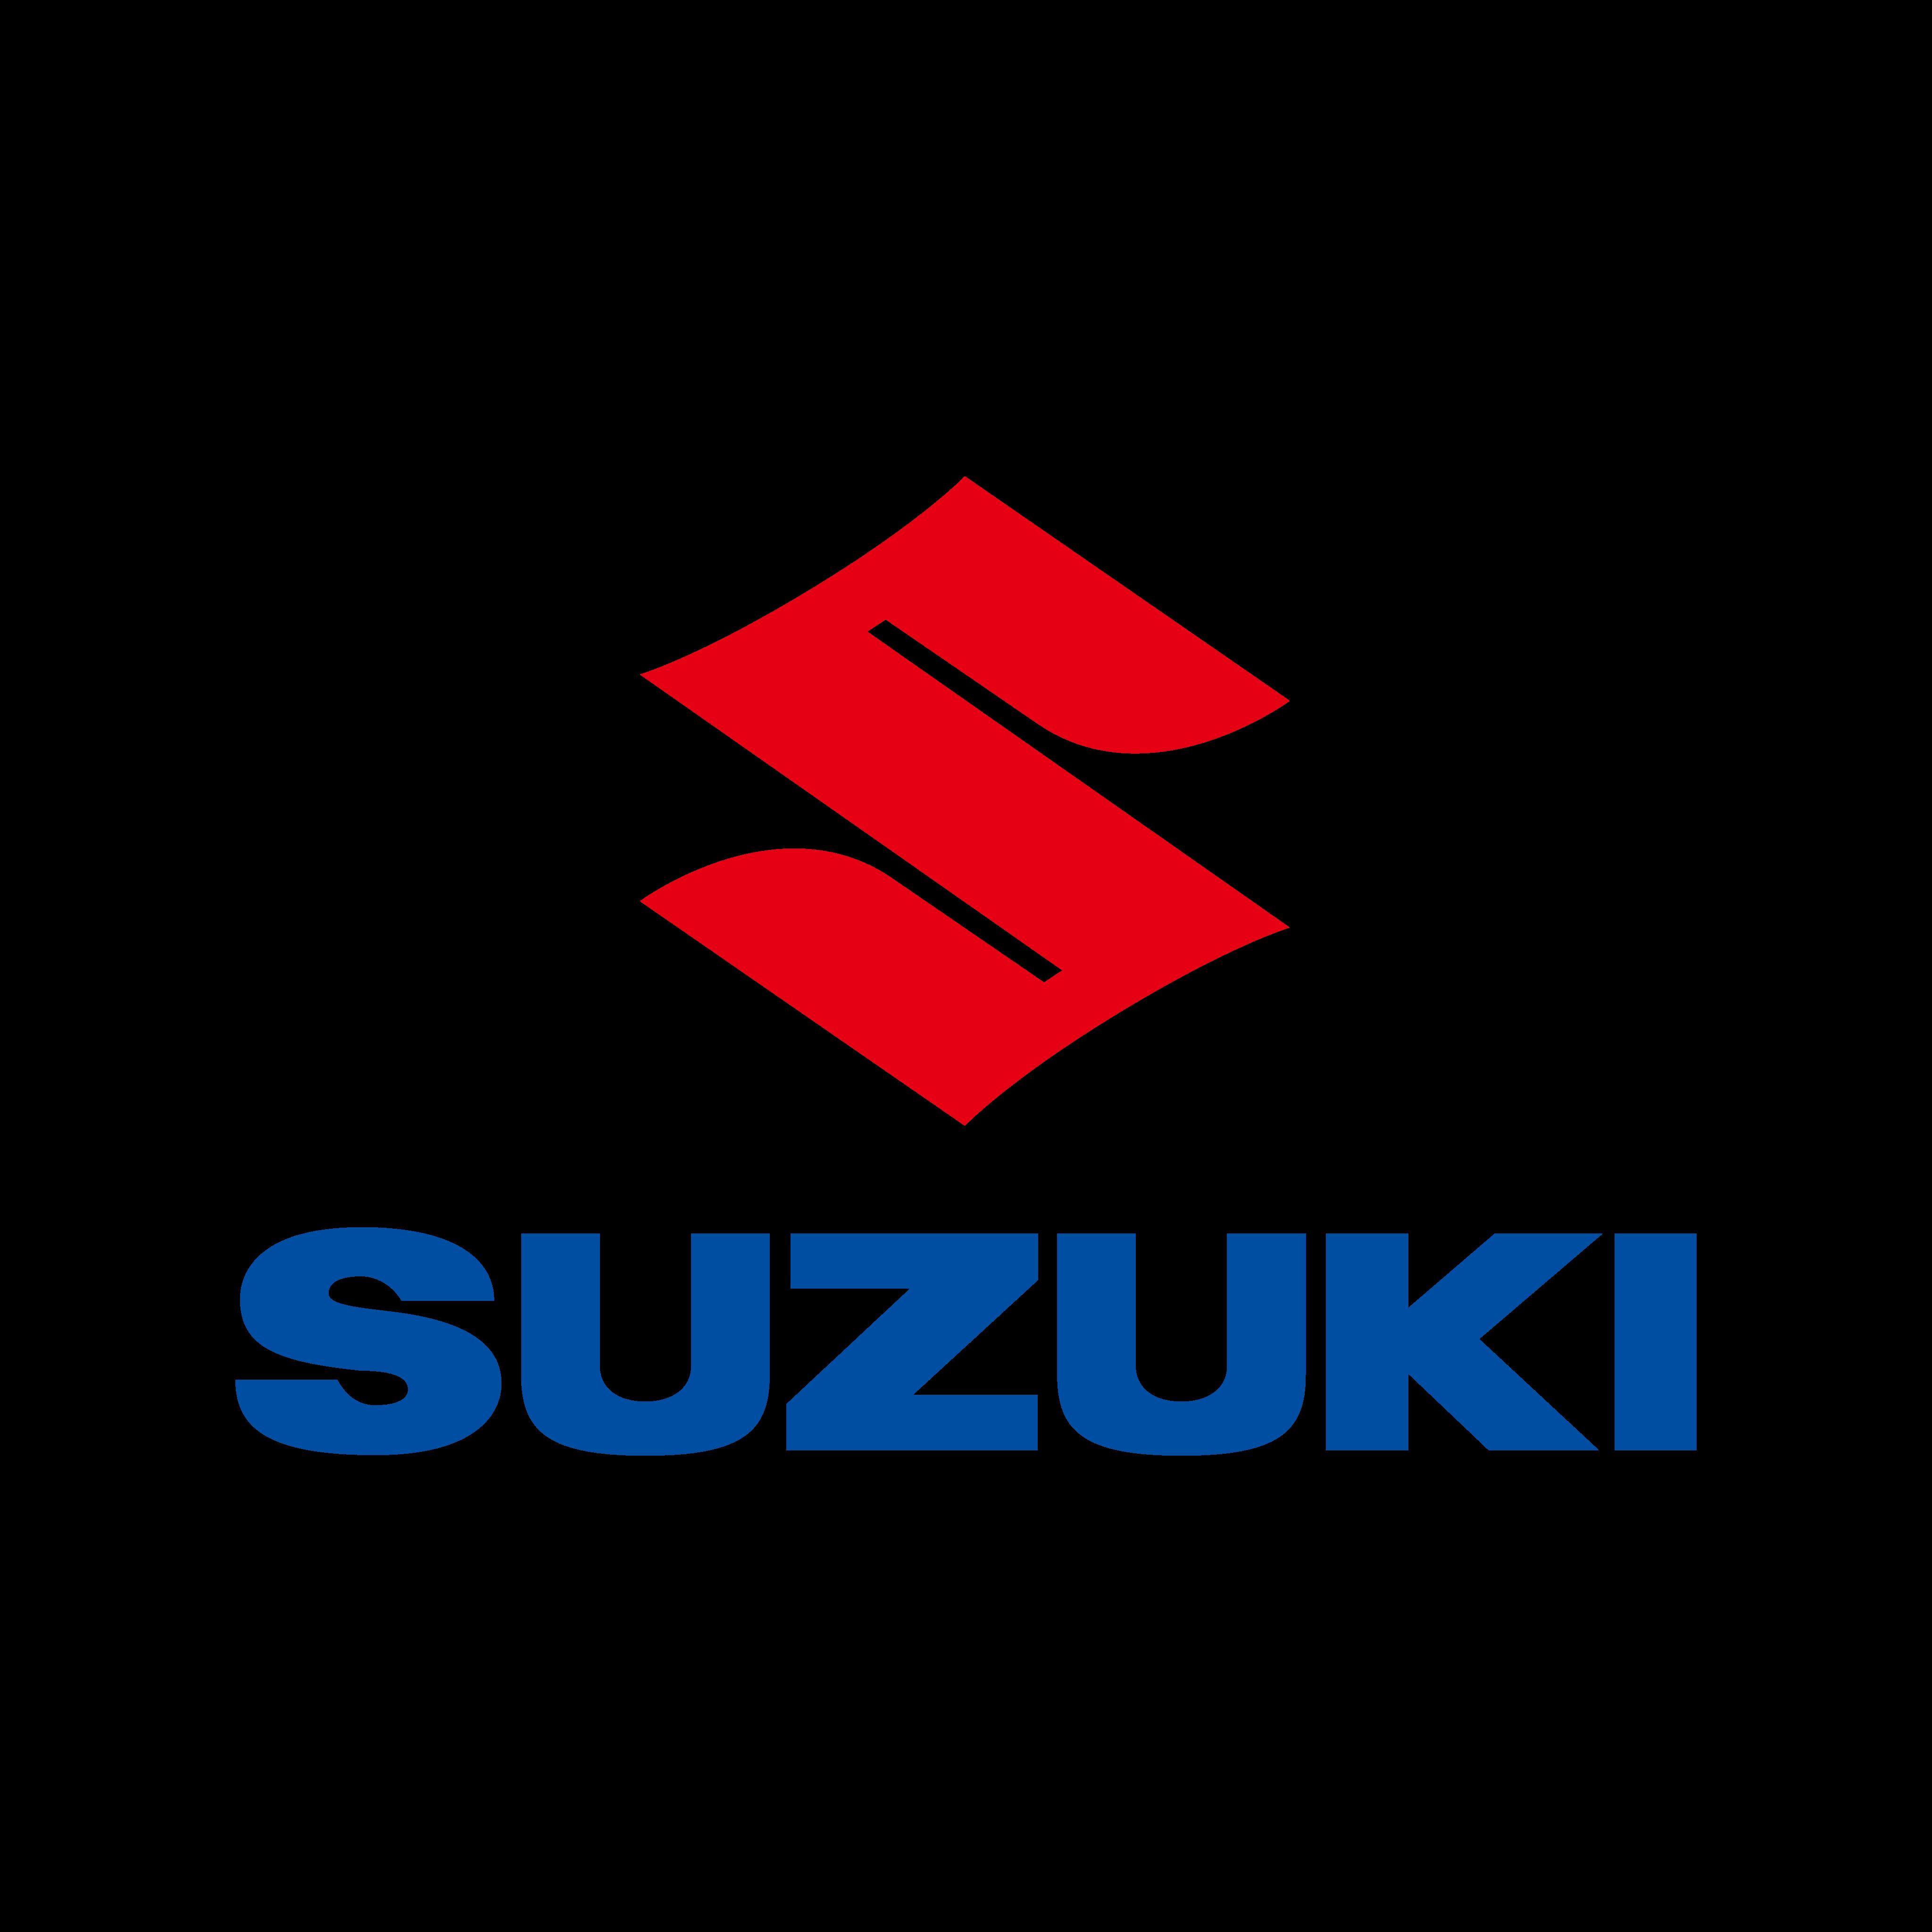 suzuki logo 0 1 - Suzuki Logo